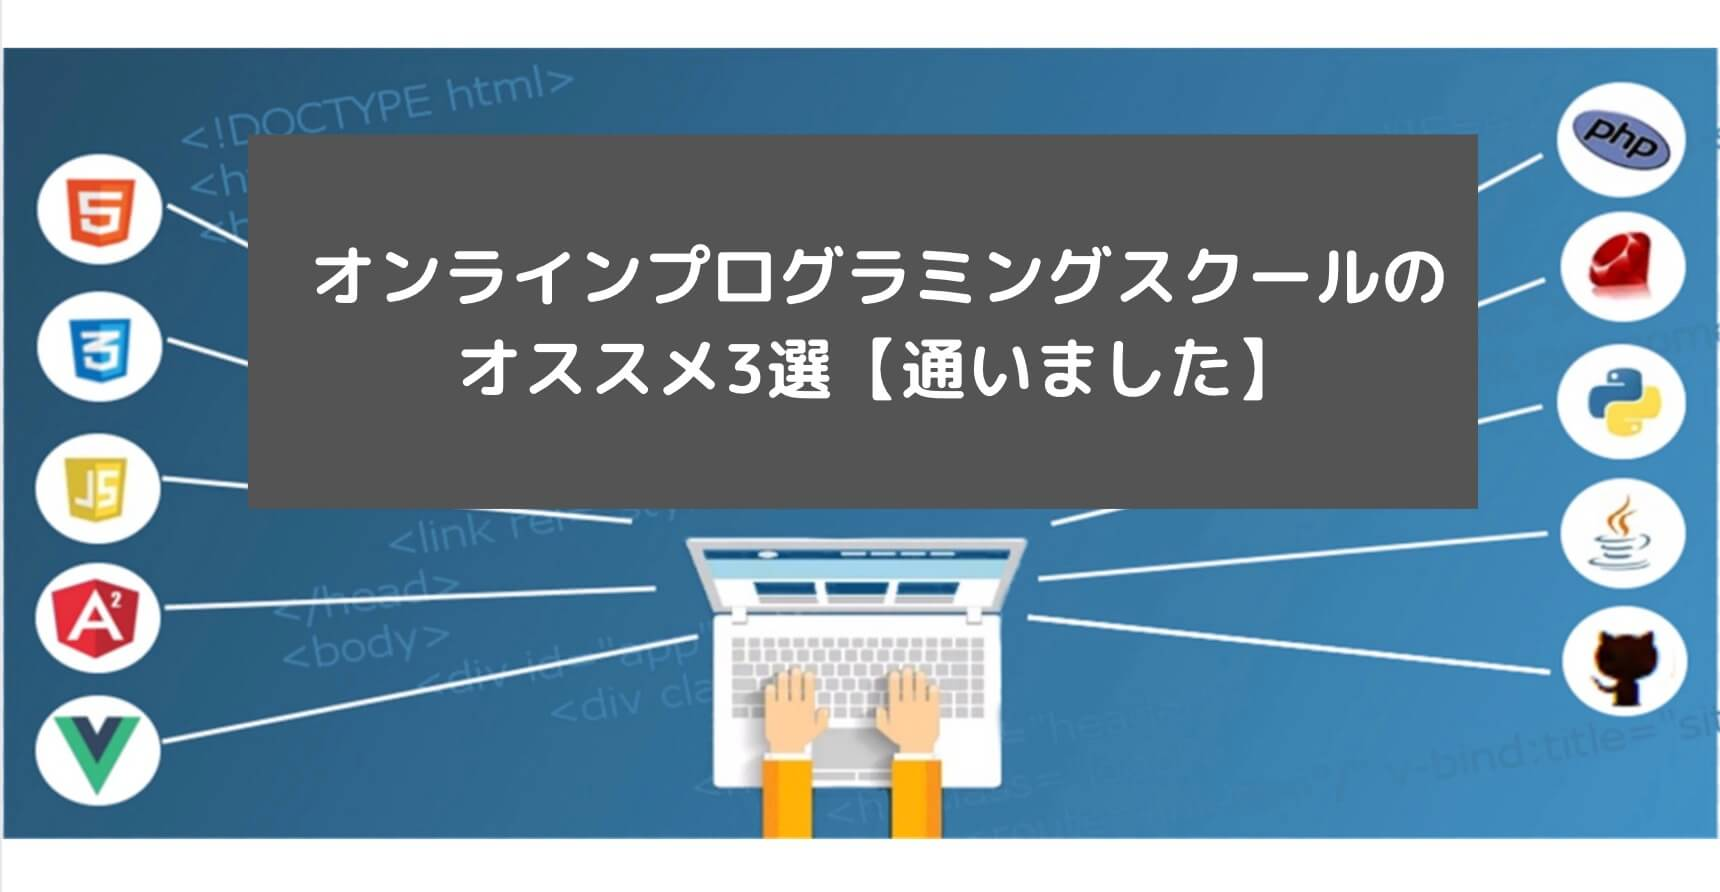 オンラインプログラミングスクールのオススメ3選【通いました】と書かれた画像